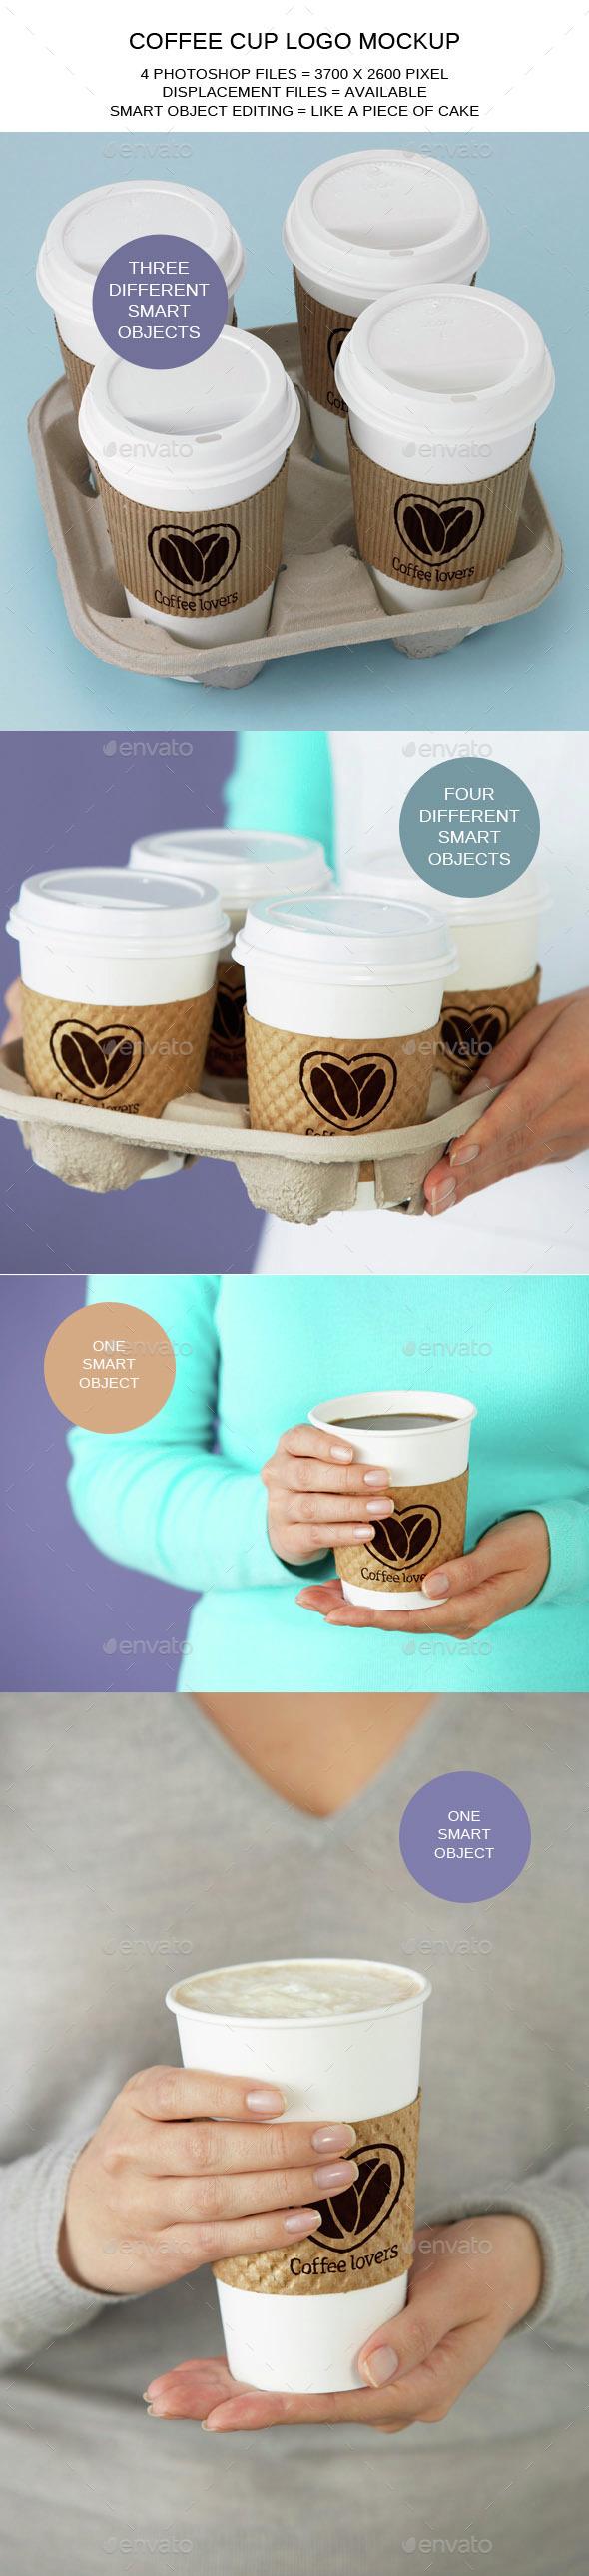 Coffee Cup Logo Mockups - Logo Product Mock-Ups